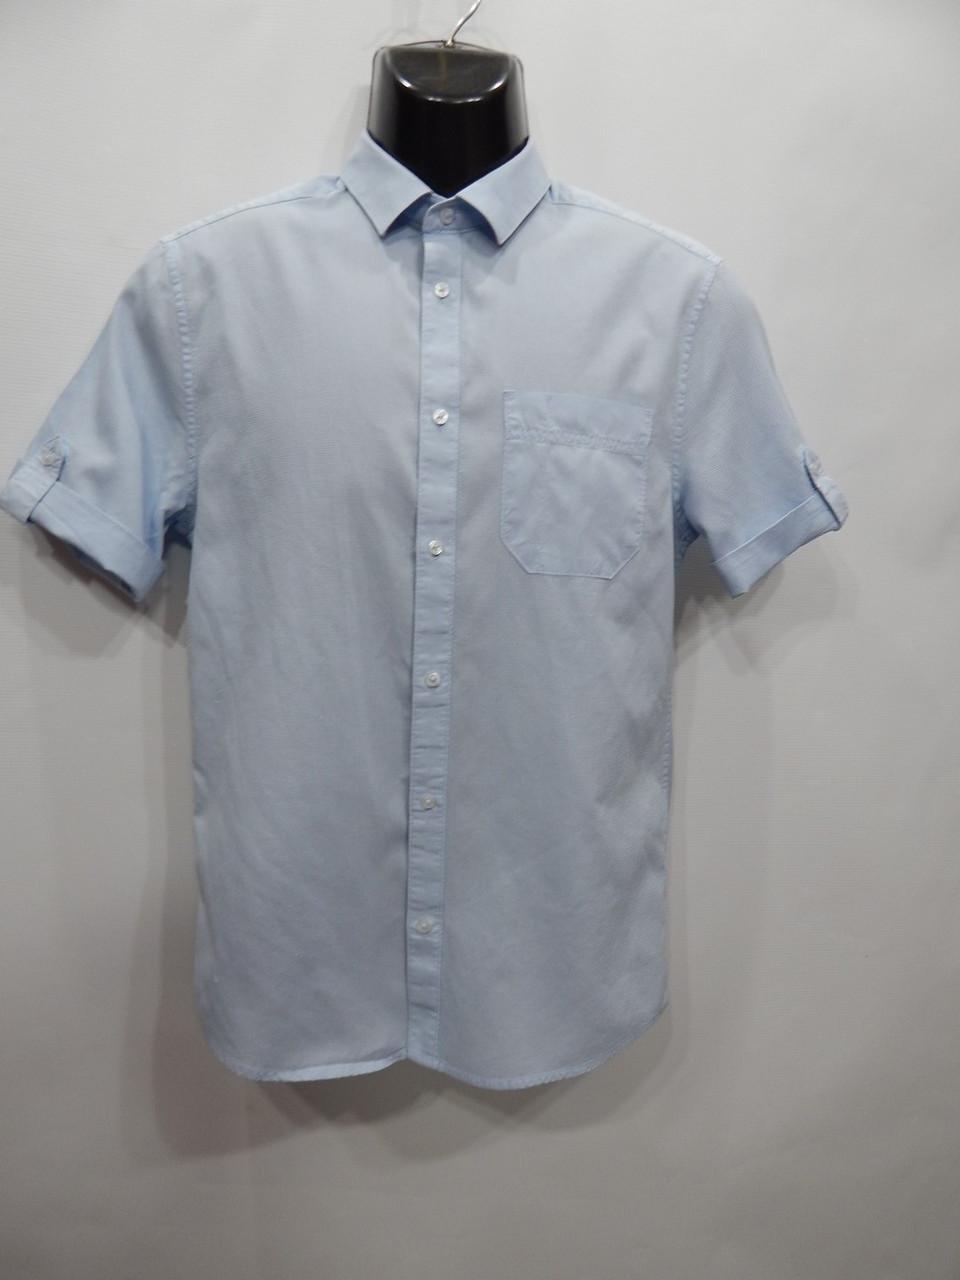 Мужская рубашка с коротким рукавом H&M р.46 057ДРБУ